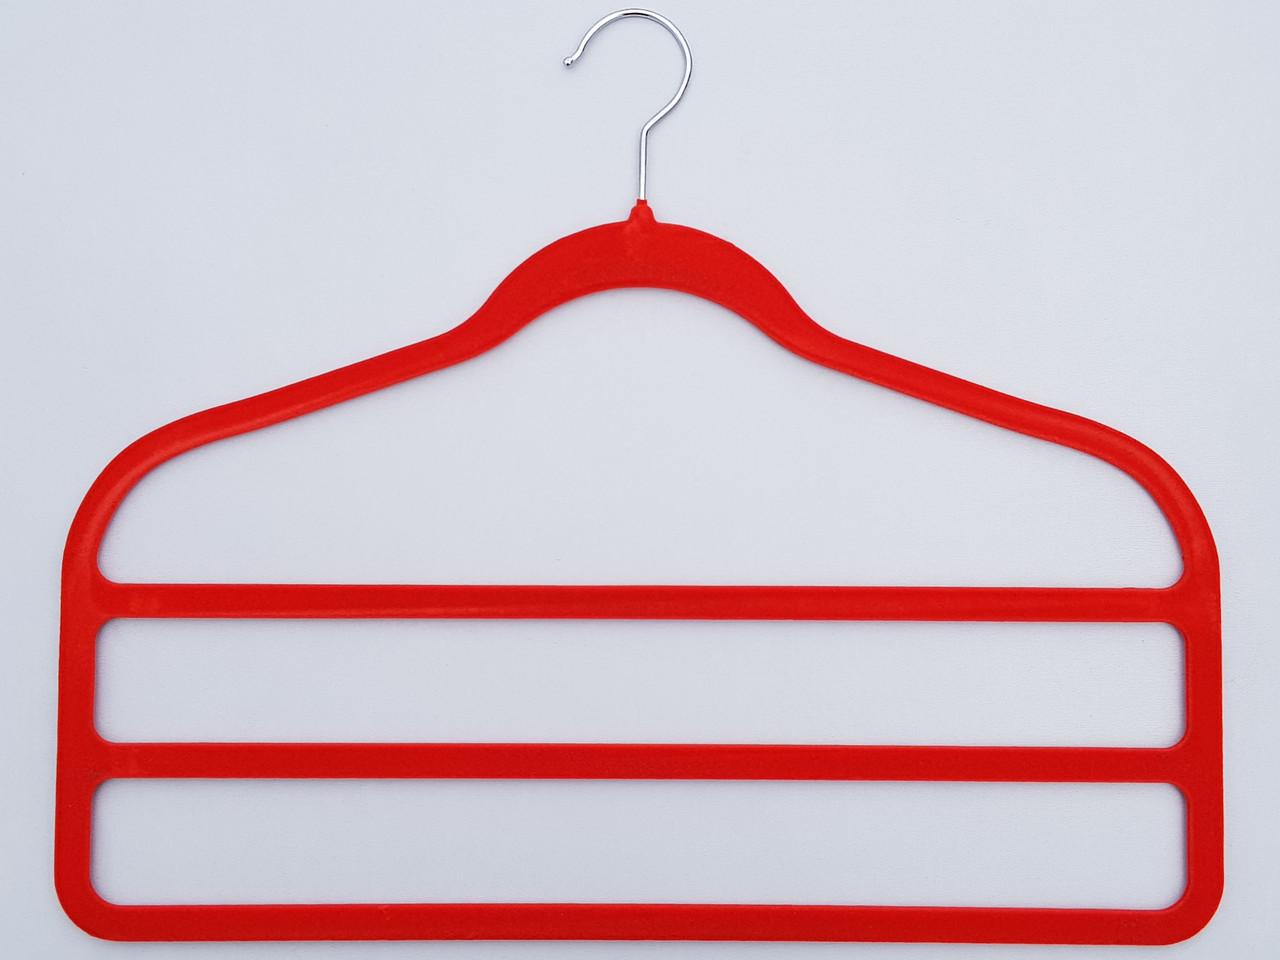 Плечики для брюк флокированныекрасного цвета лестница 3-ехярусная, длина 45см